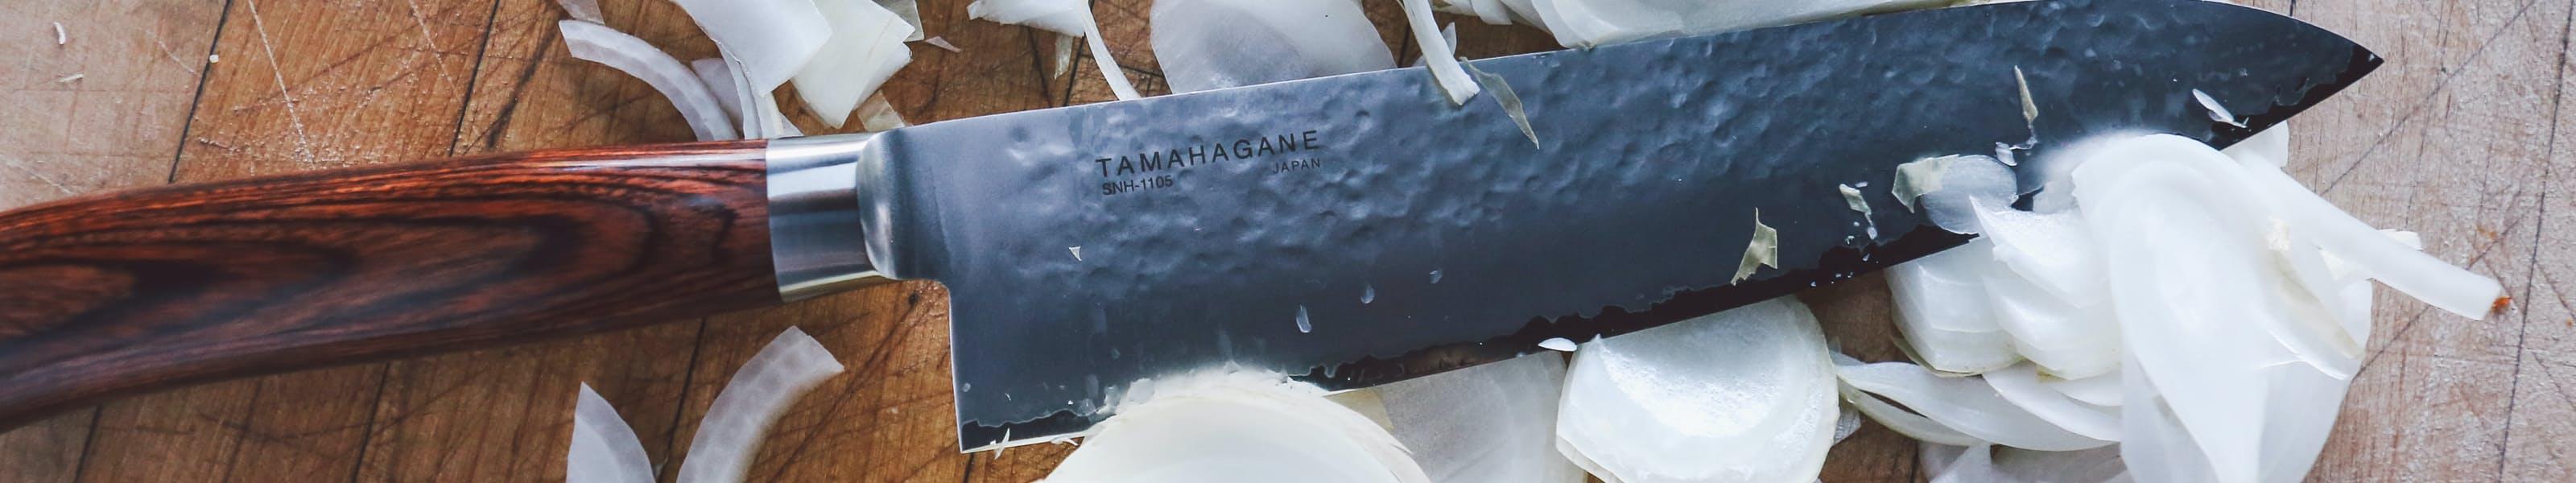 Tamahagane header.jpg?ixlib=rails 2.1